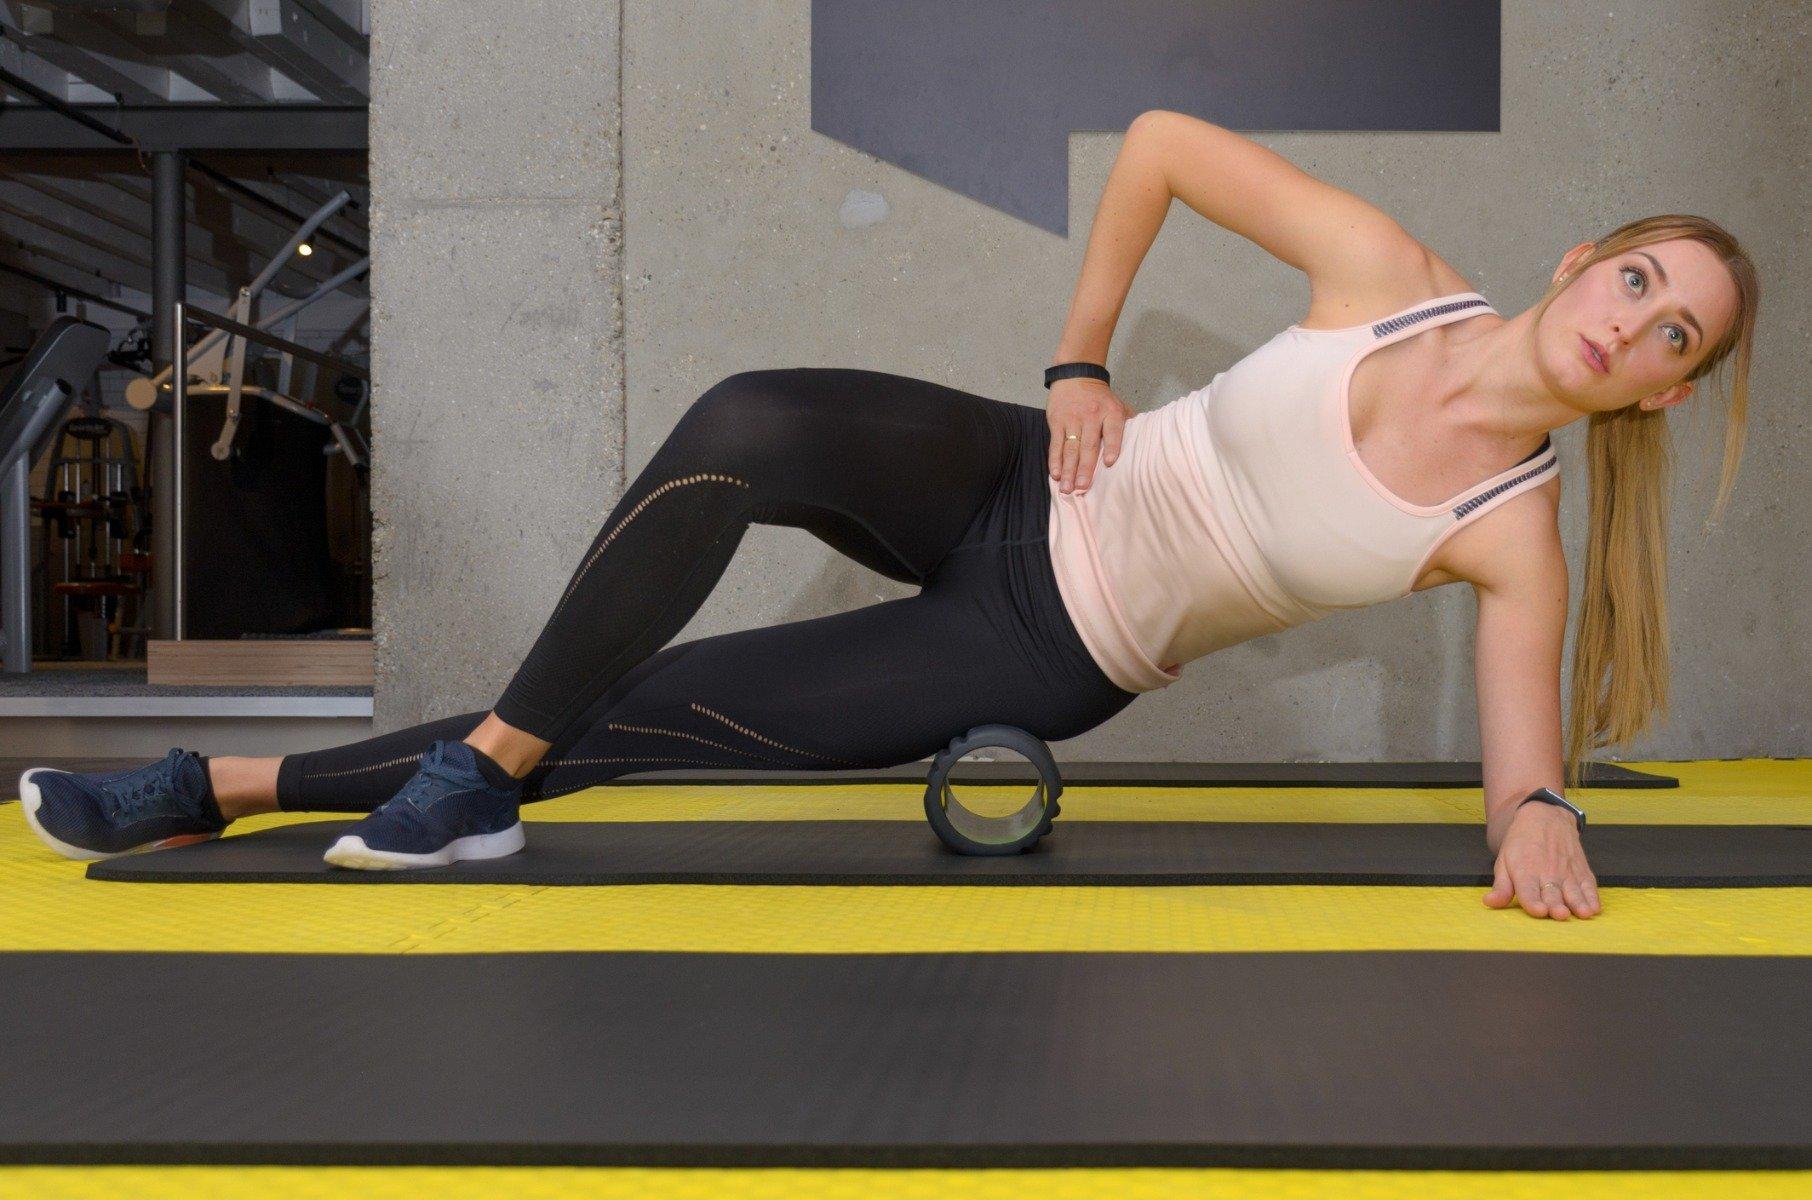 csípőízület hogyan lehet enyhíteni a fájdalmat súlyosan bokaízület és duzzanat